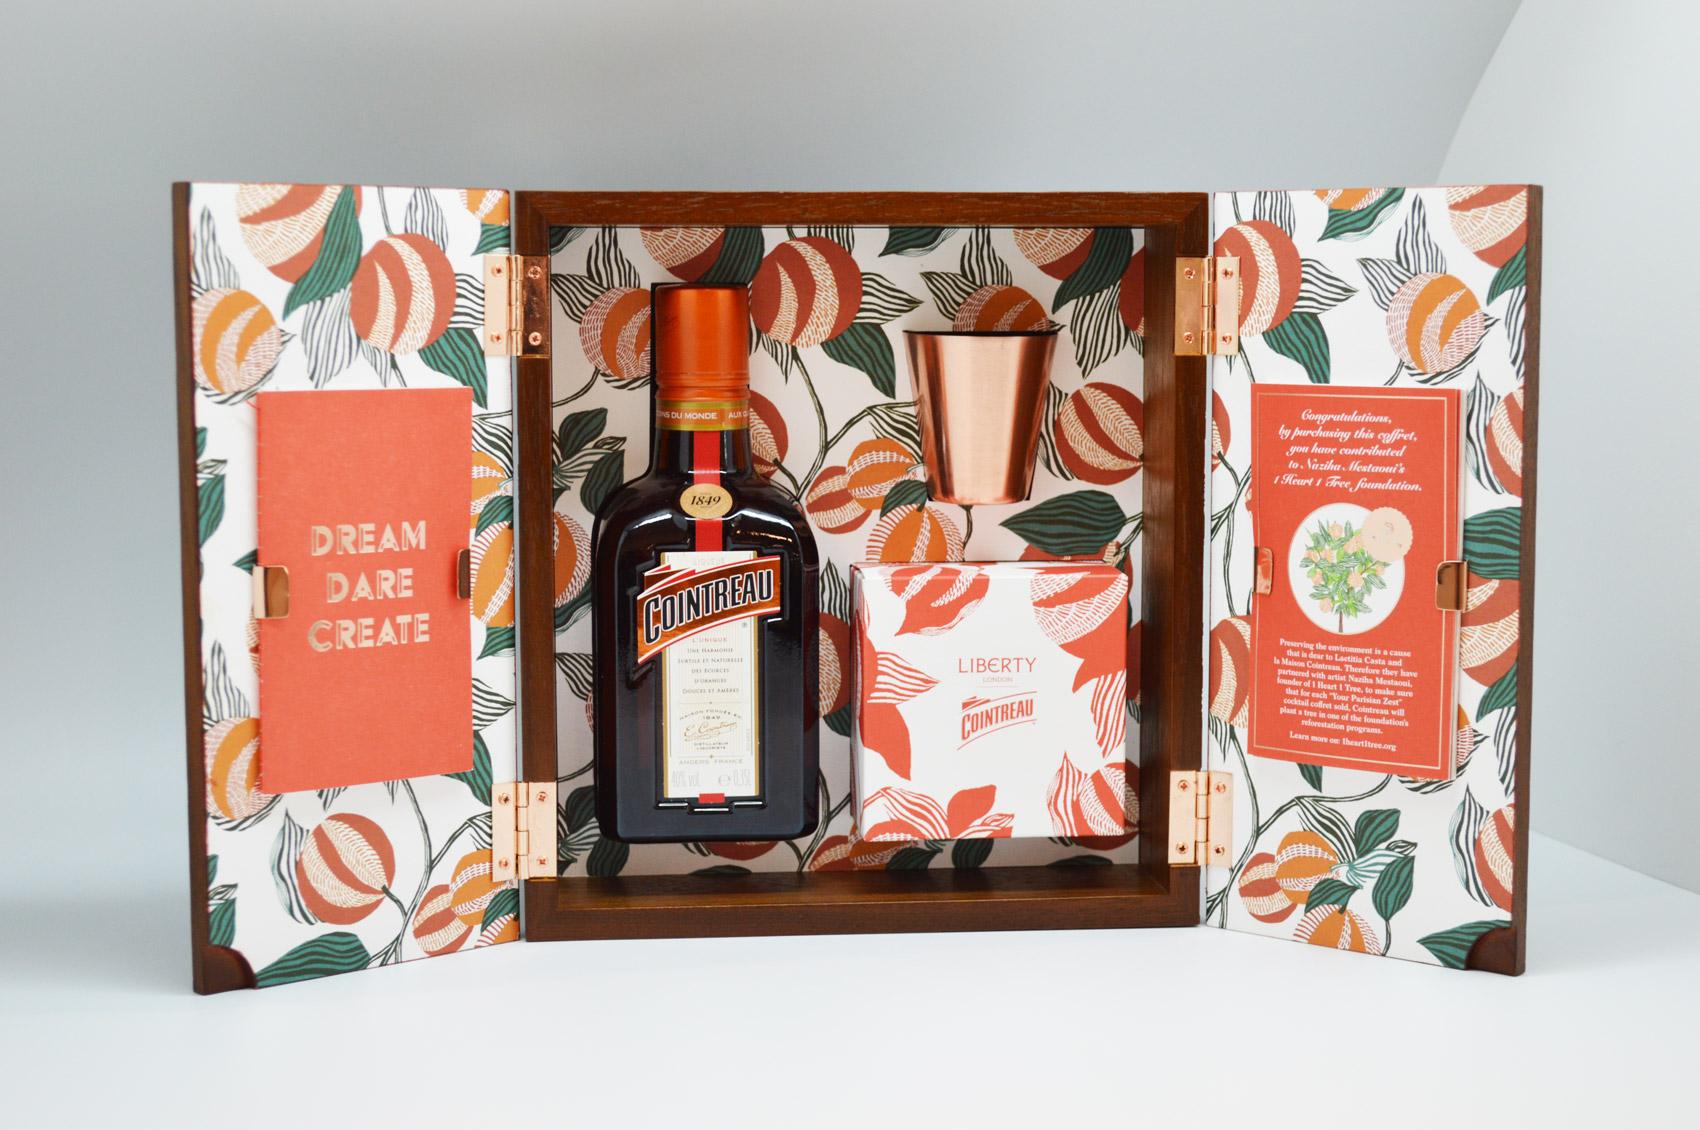 Cointreau Launch Limited Edition 'Your Parisian Zest Coffret' Gift Box